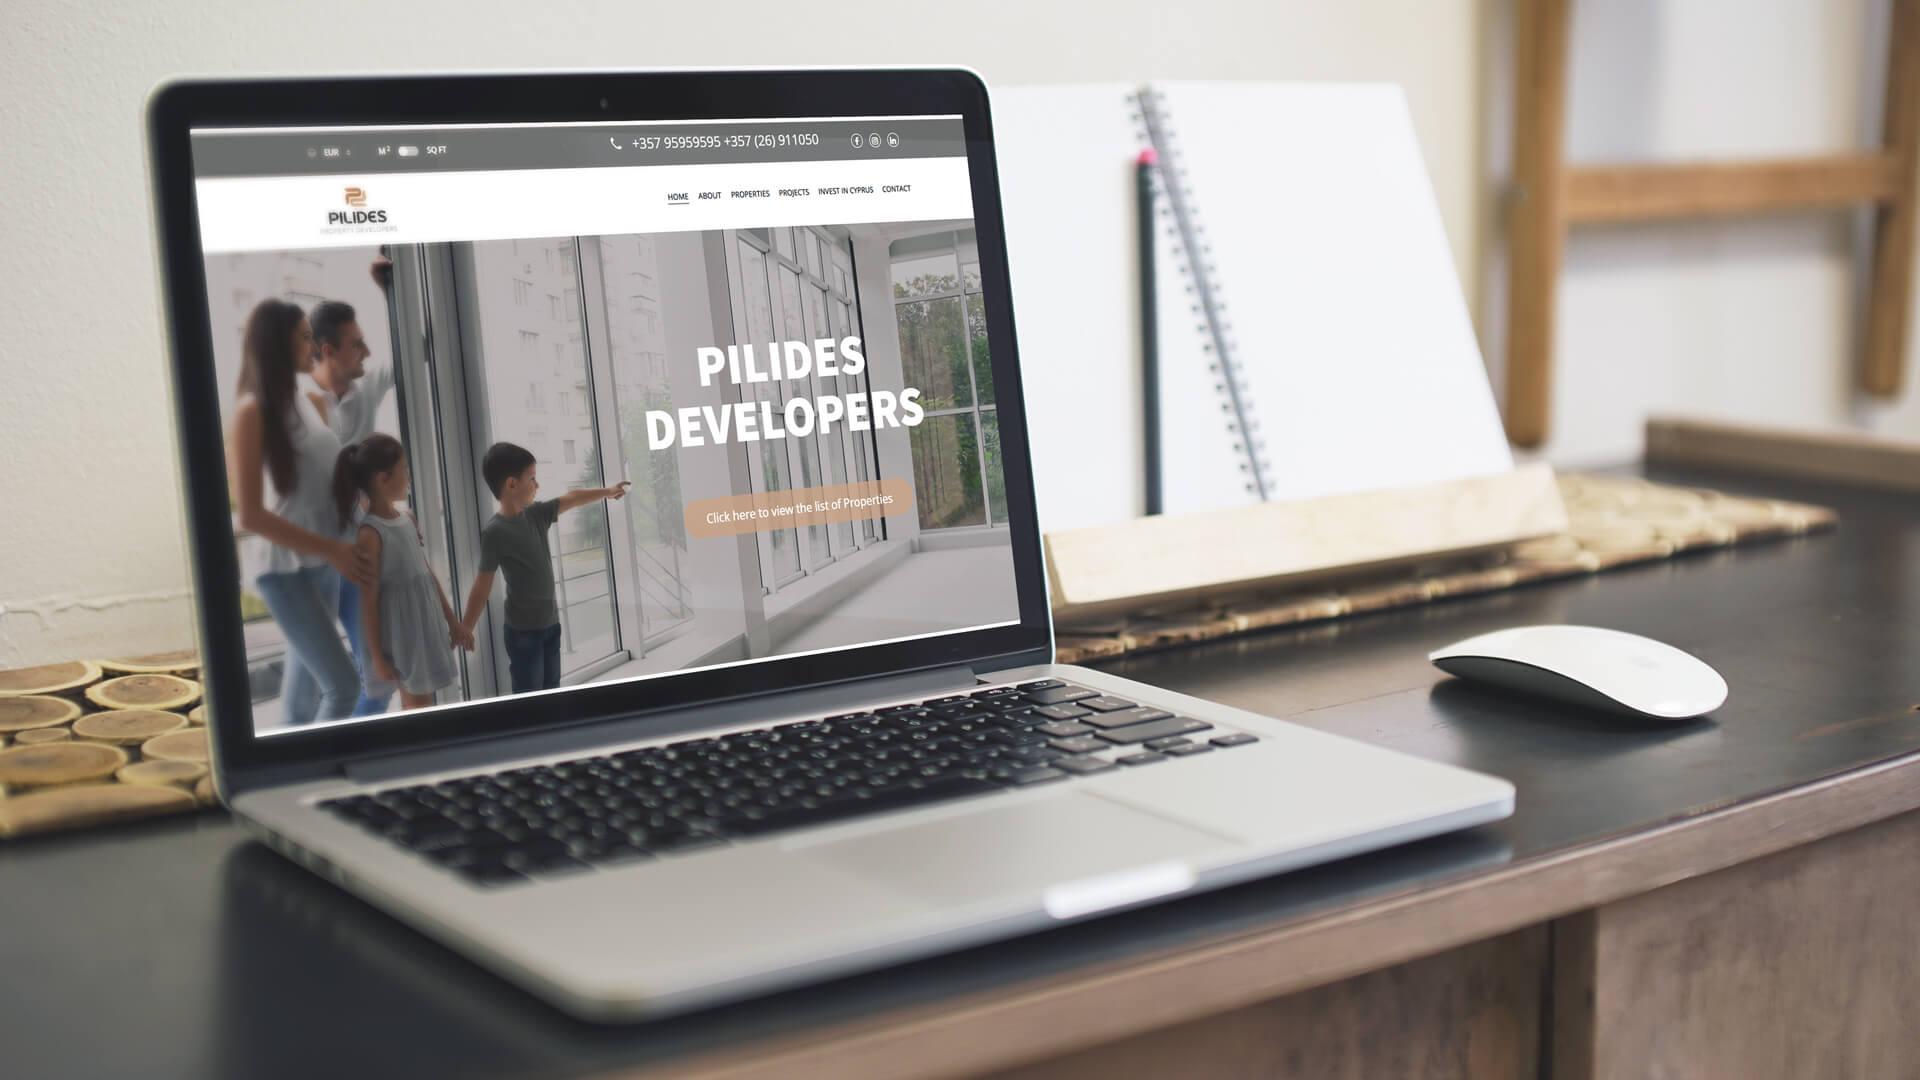 Pilides Developers Website